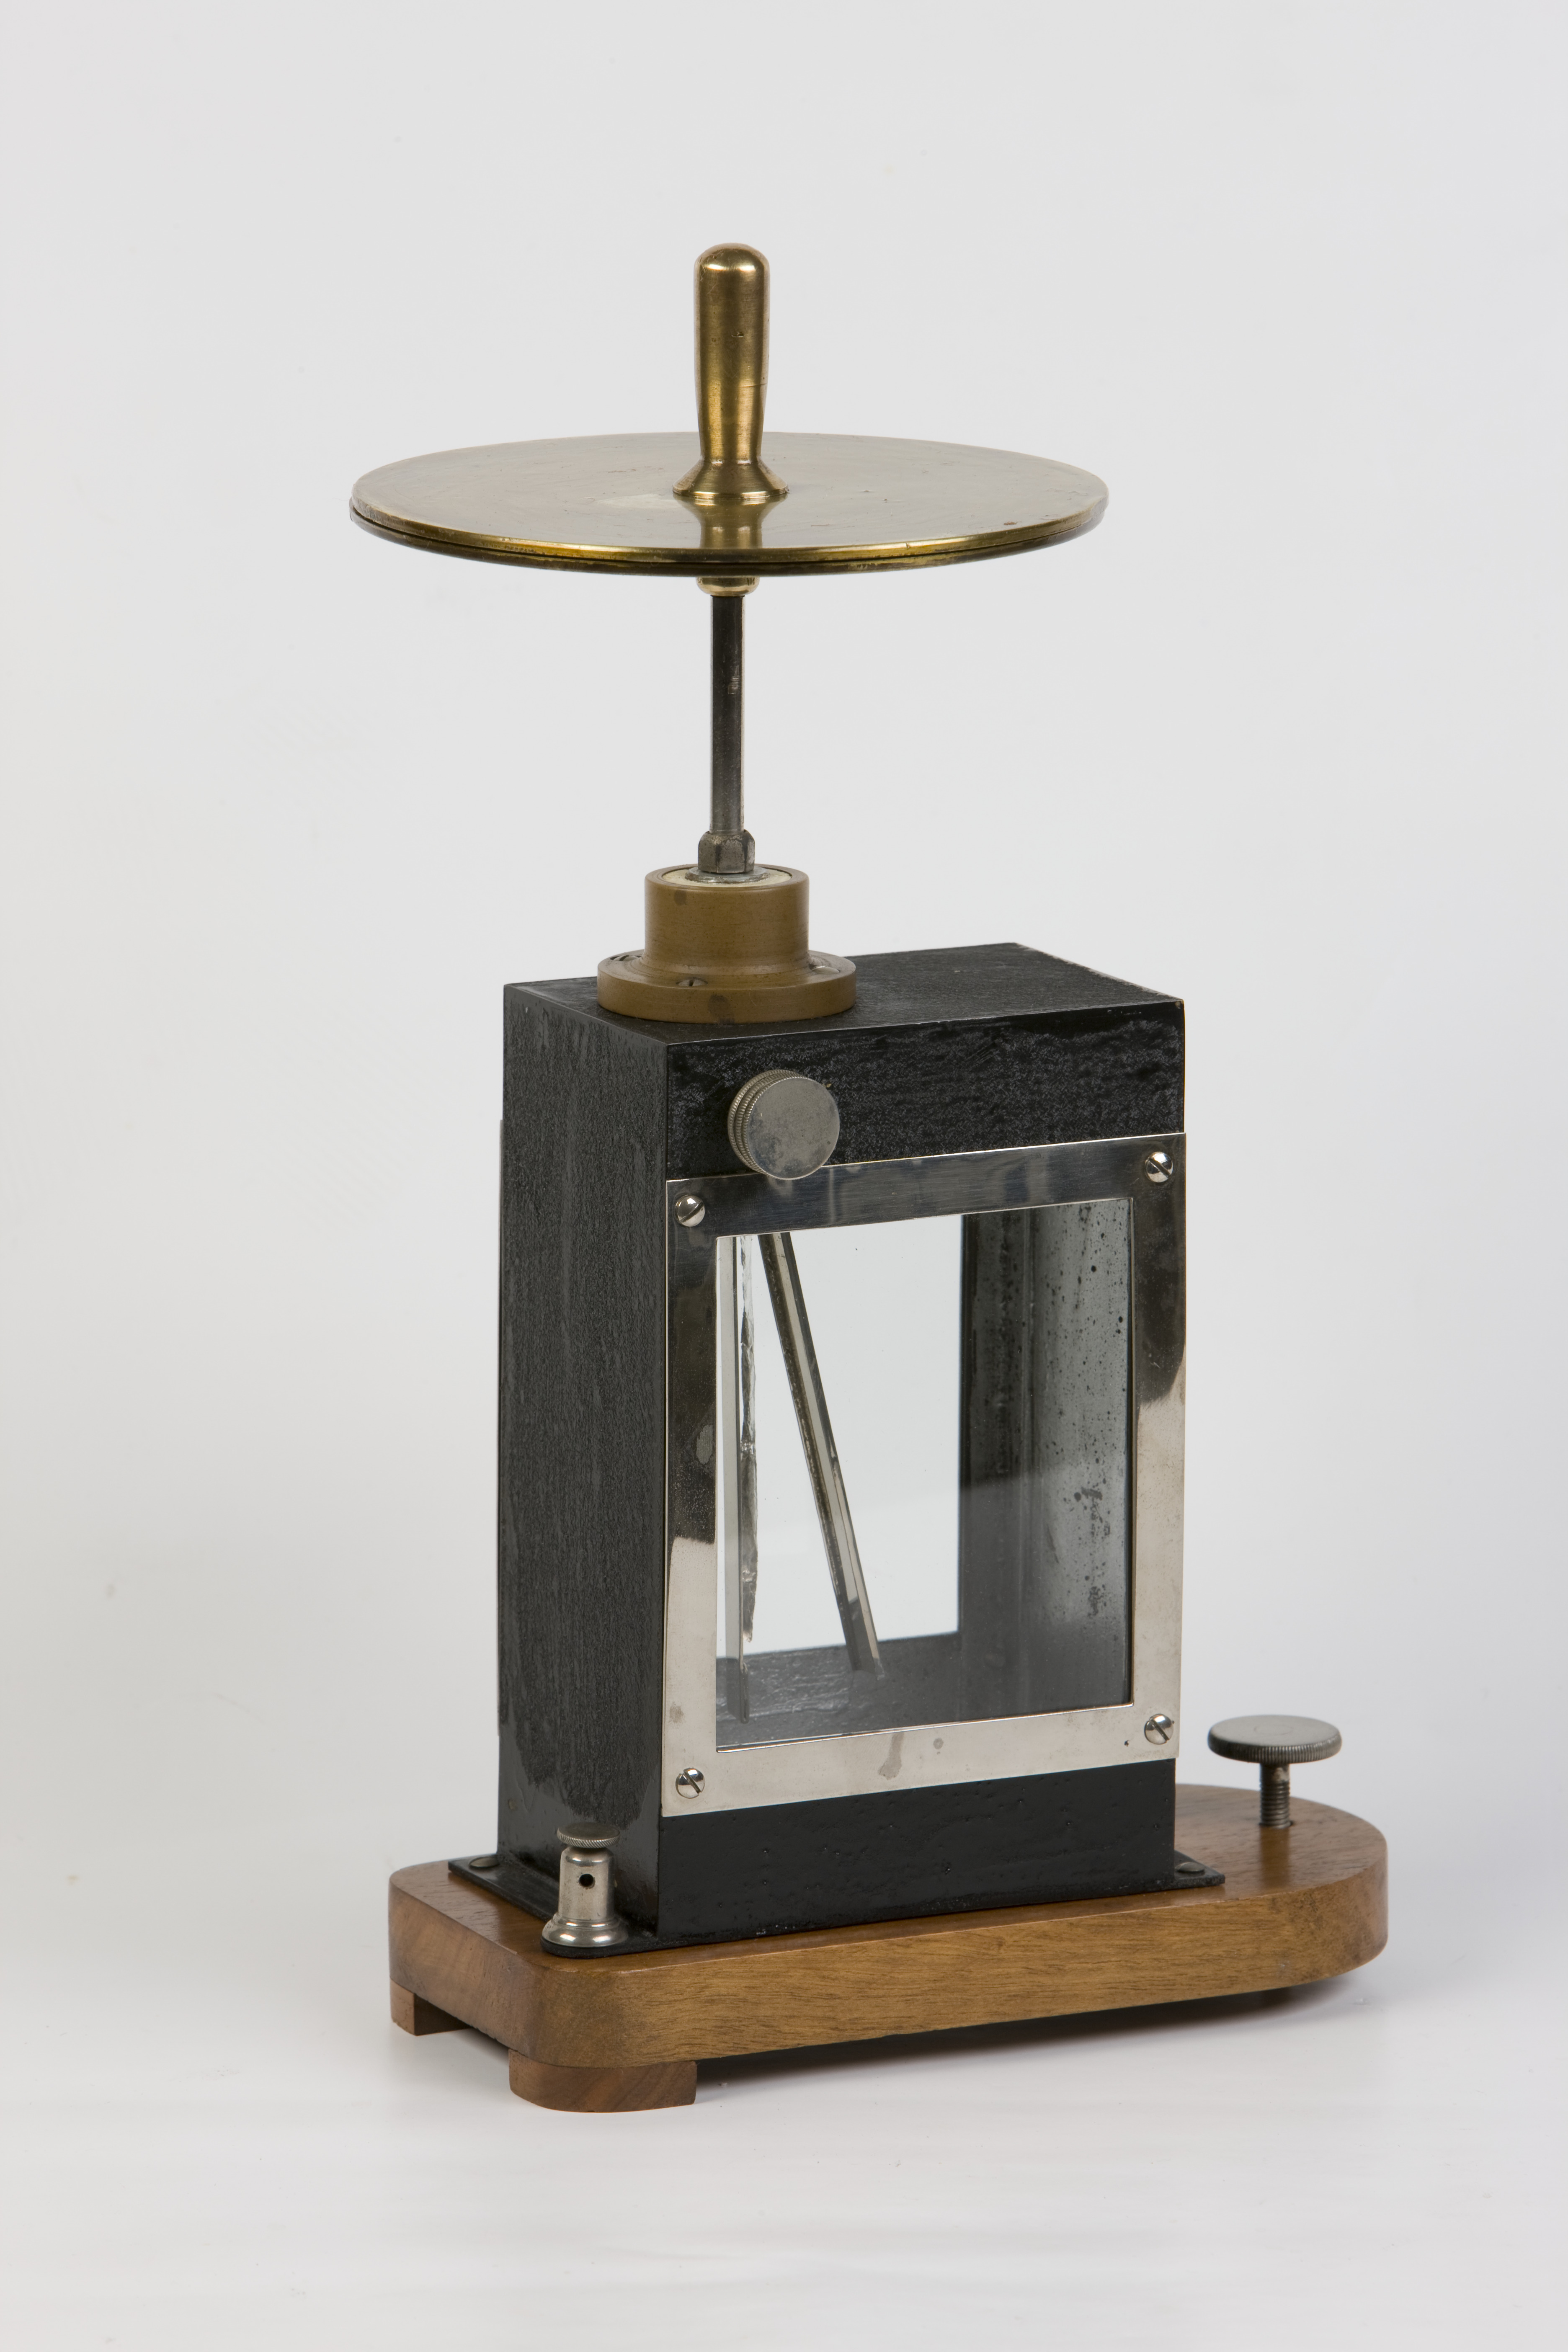 17- Elettroscopio a foglia metallica